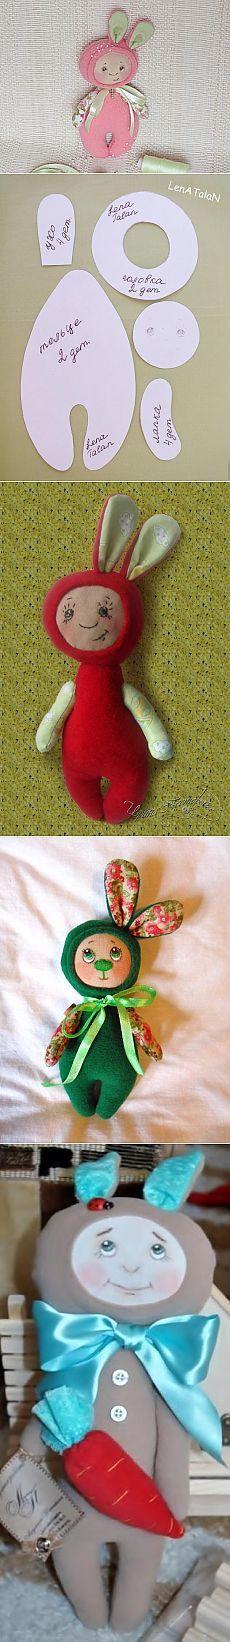 Мастер-класс: зайка-малышка Мелисса... - Ярмарка Мастеров - ручная работа, handmade